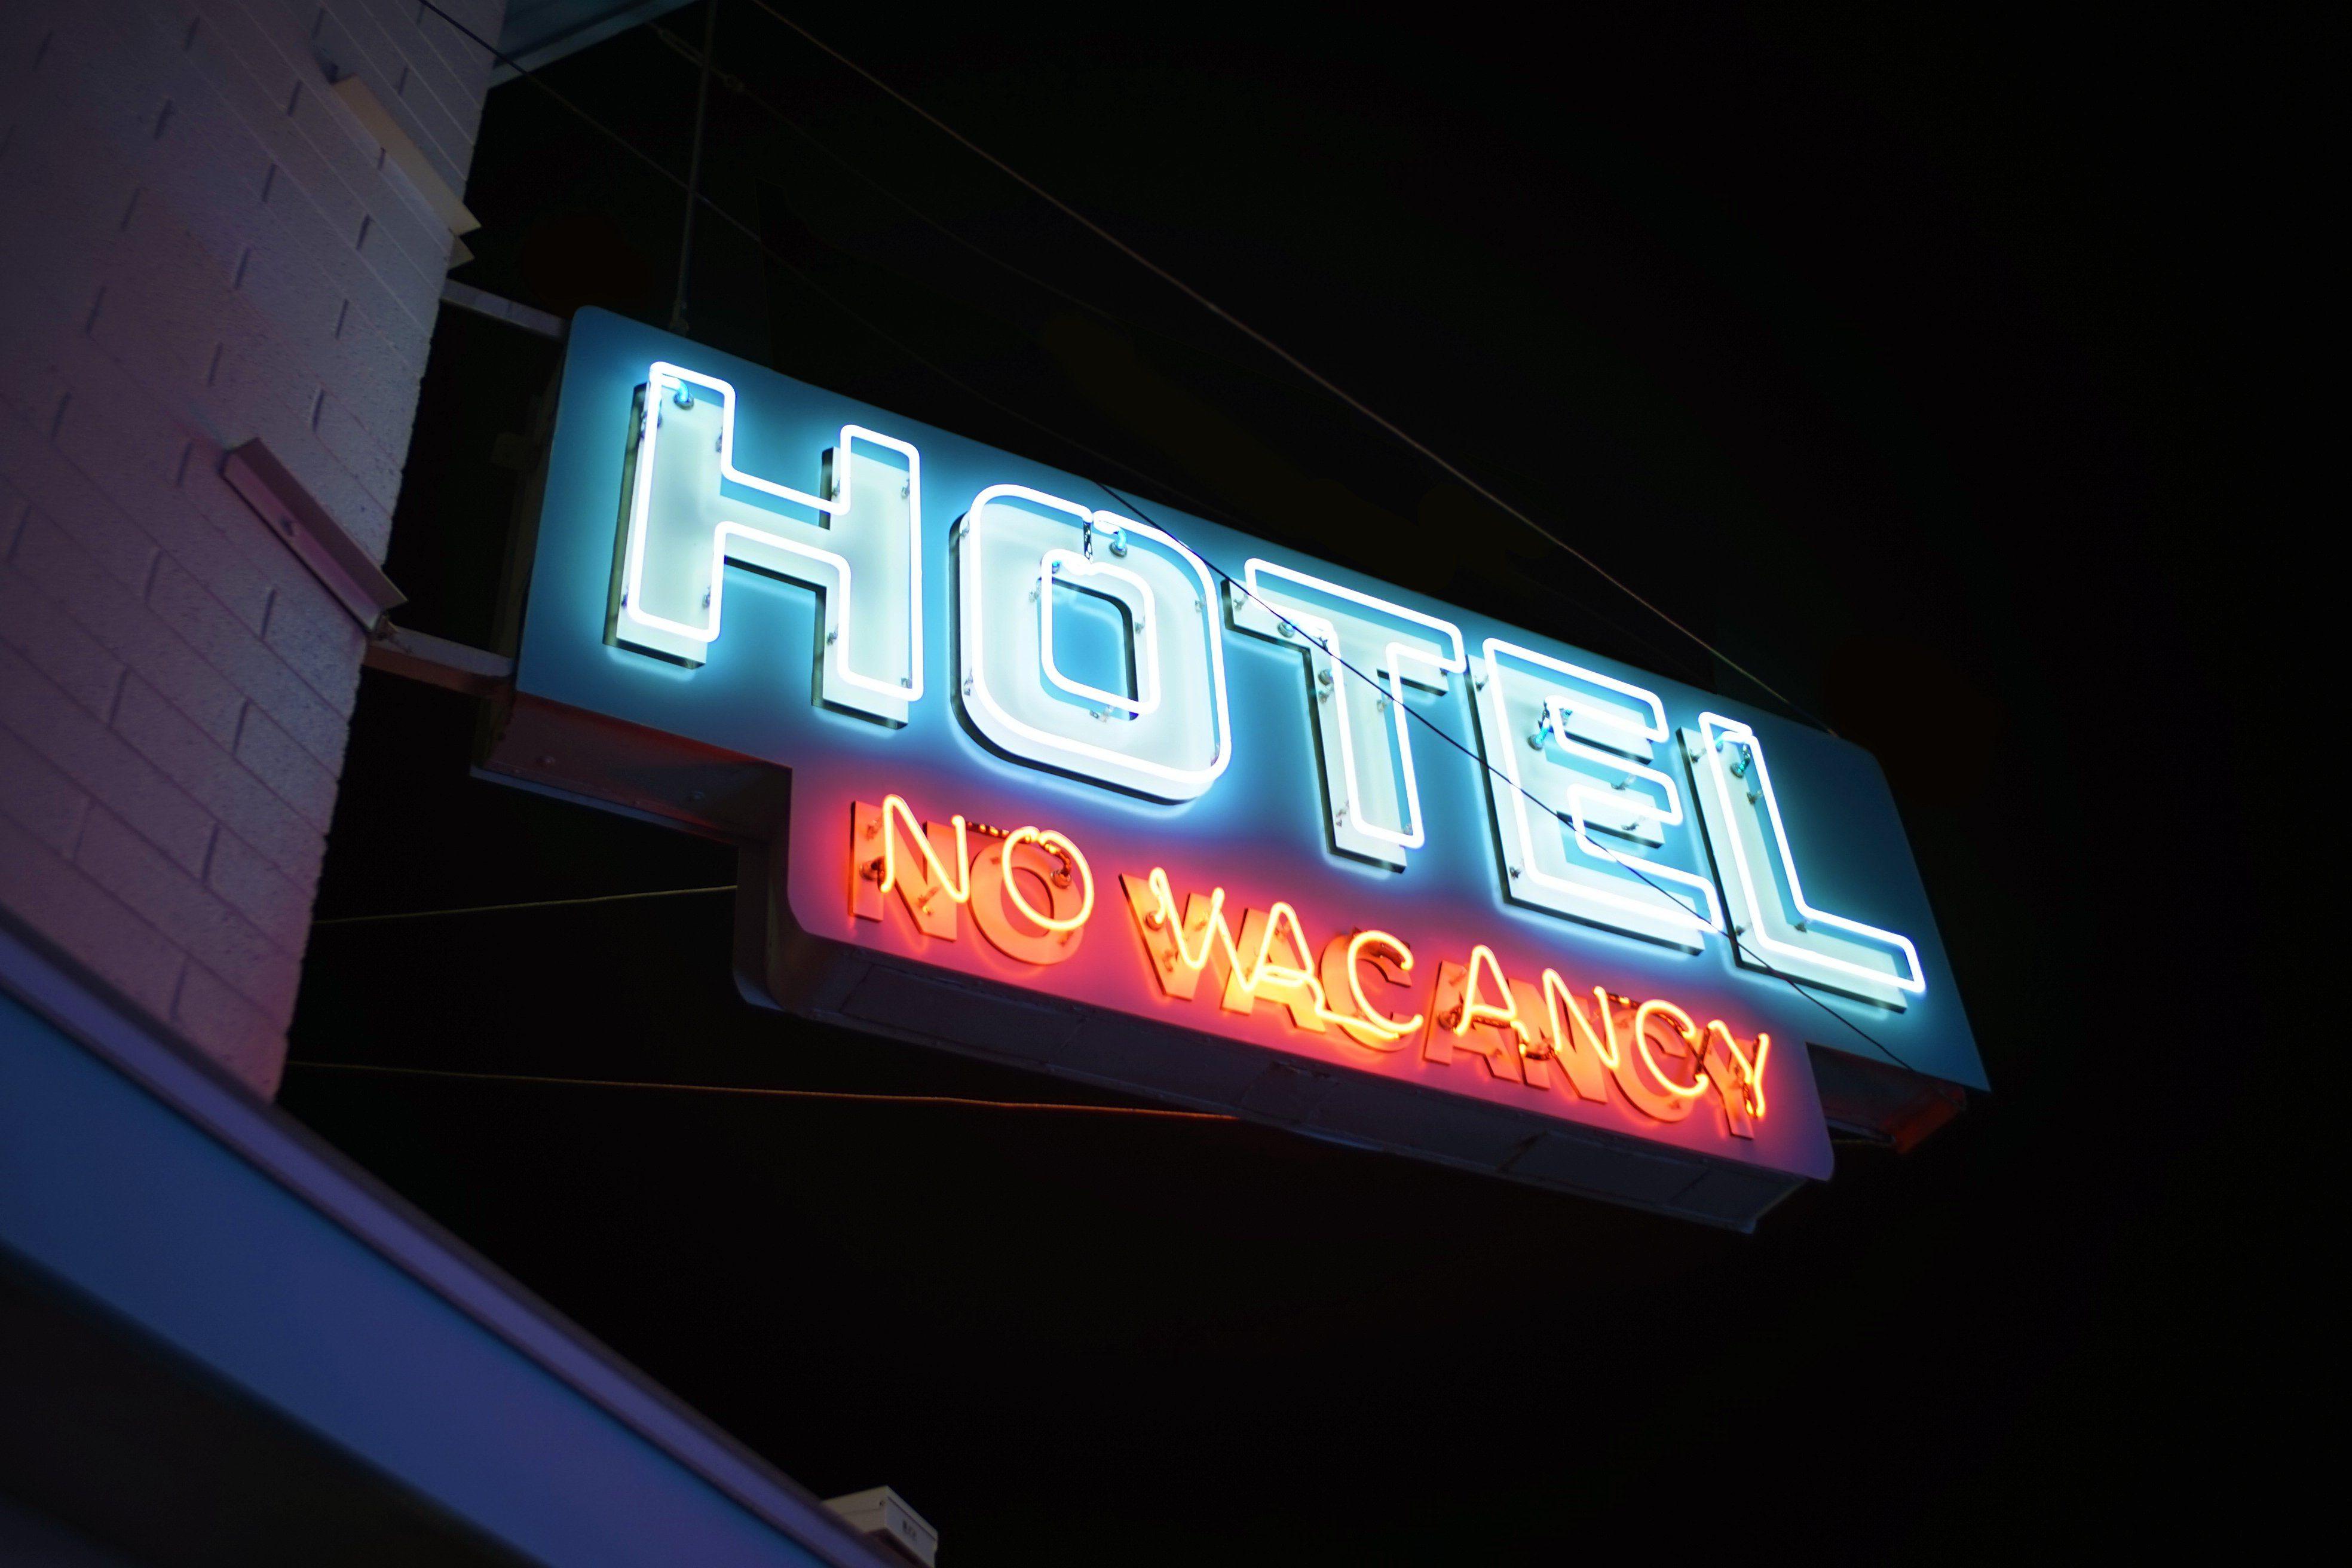 No Vacancy Hotel Or Motel Neon Sign